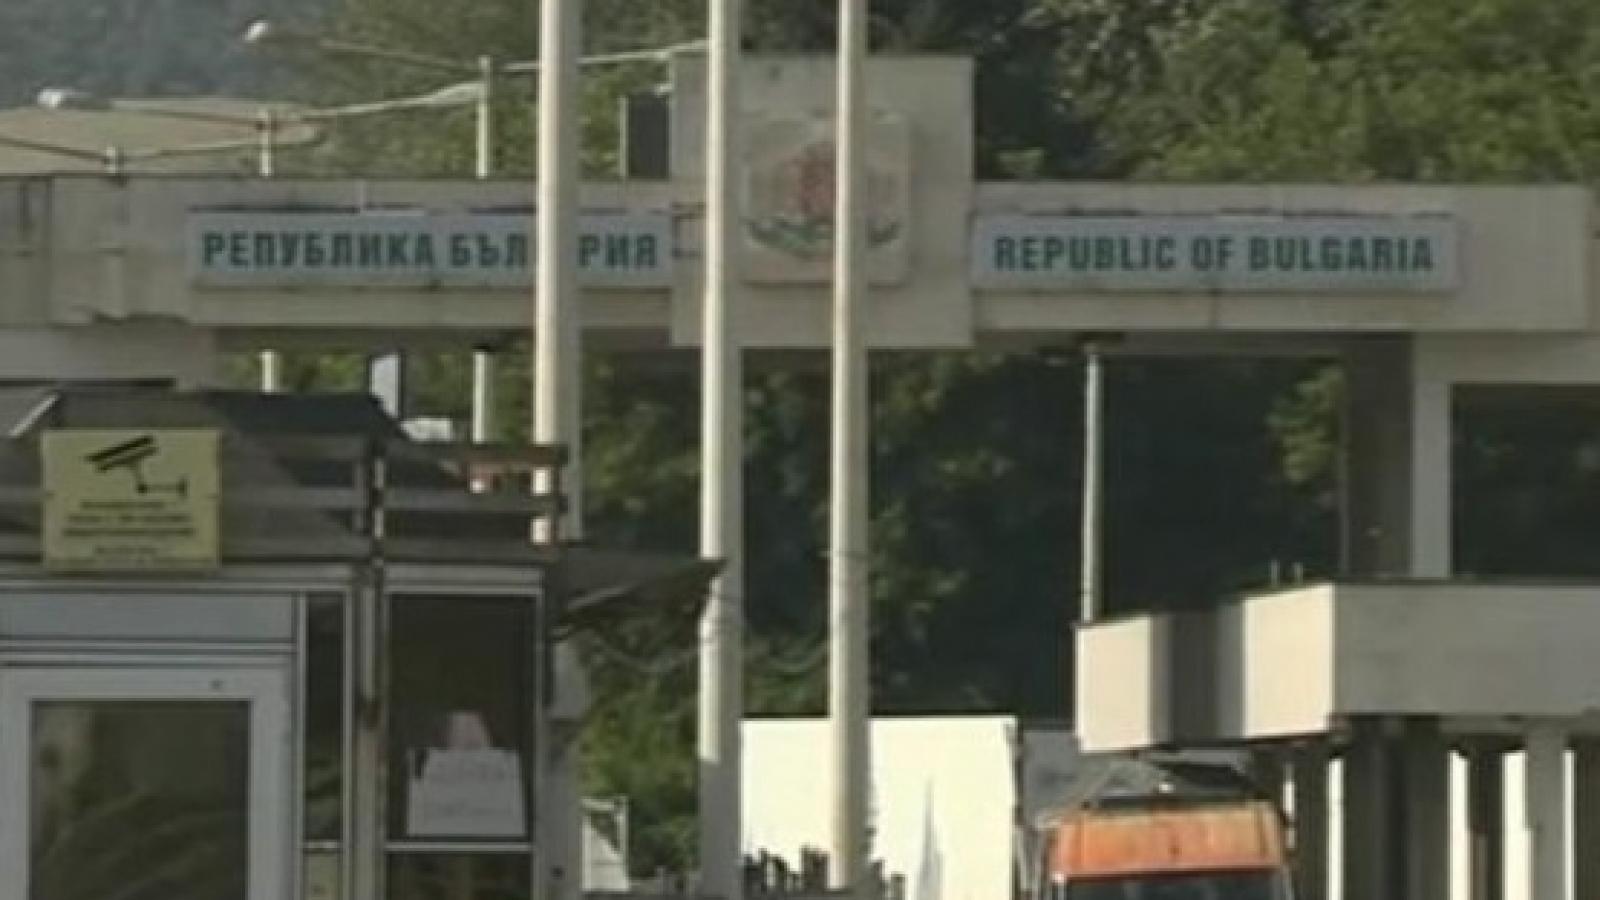 Bulgaria cho công dân EU nhập cảnh, Croatia mở biên giới với 1 số nước